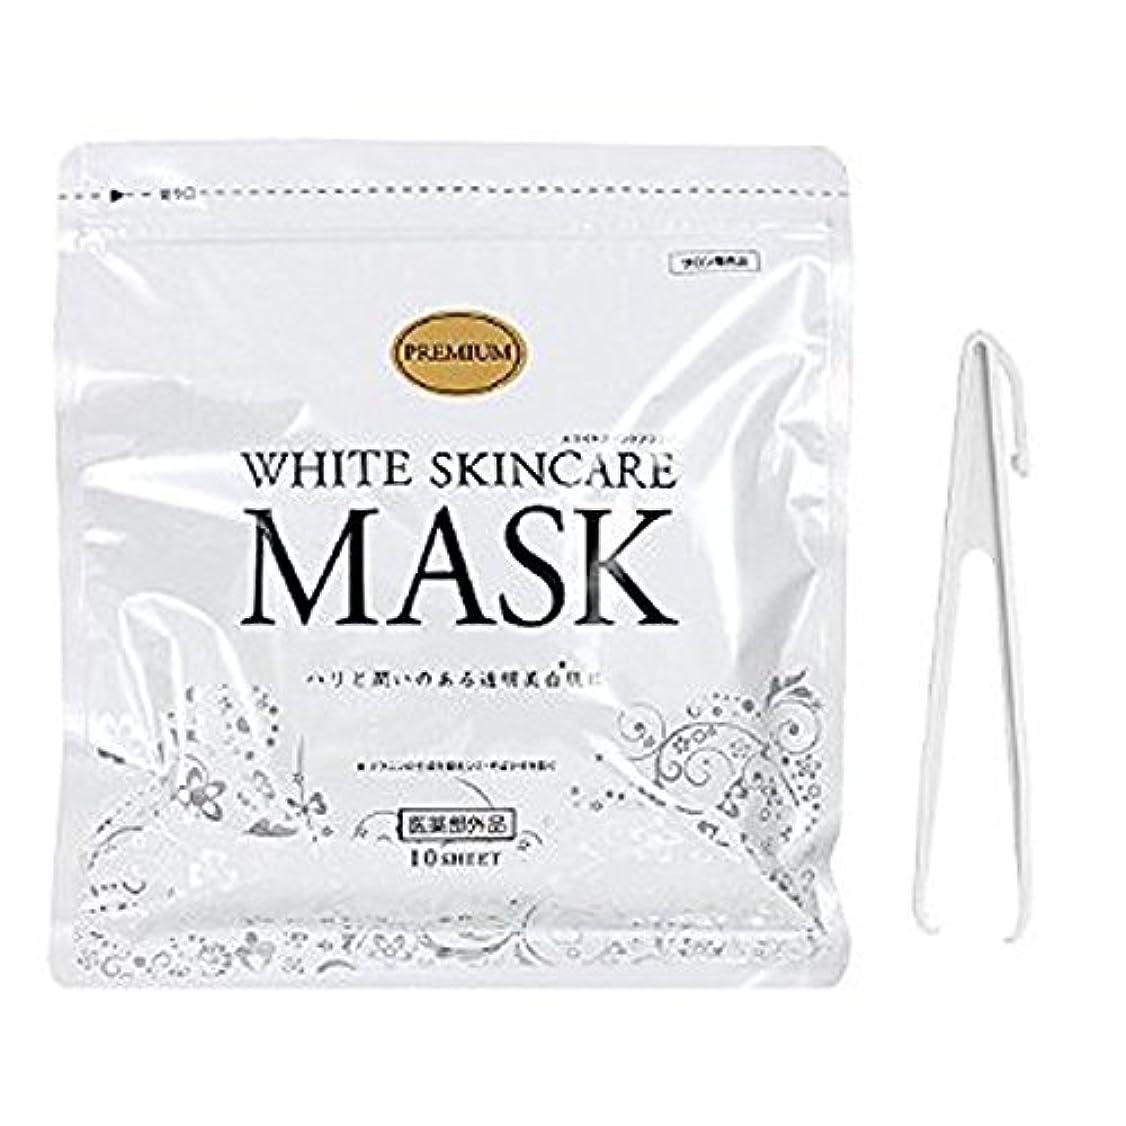 渇き主権者用量ホワイトスキンケアマスク 10枚入